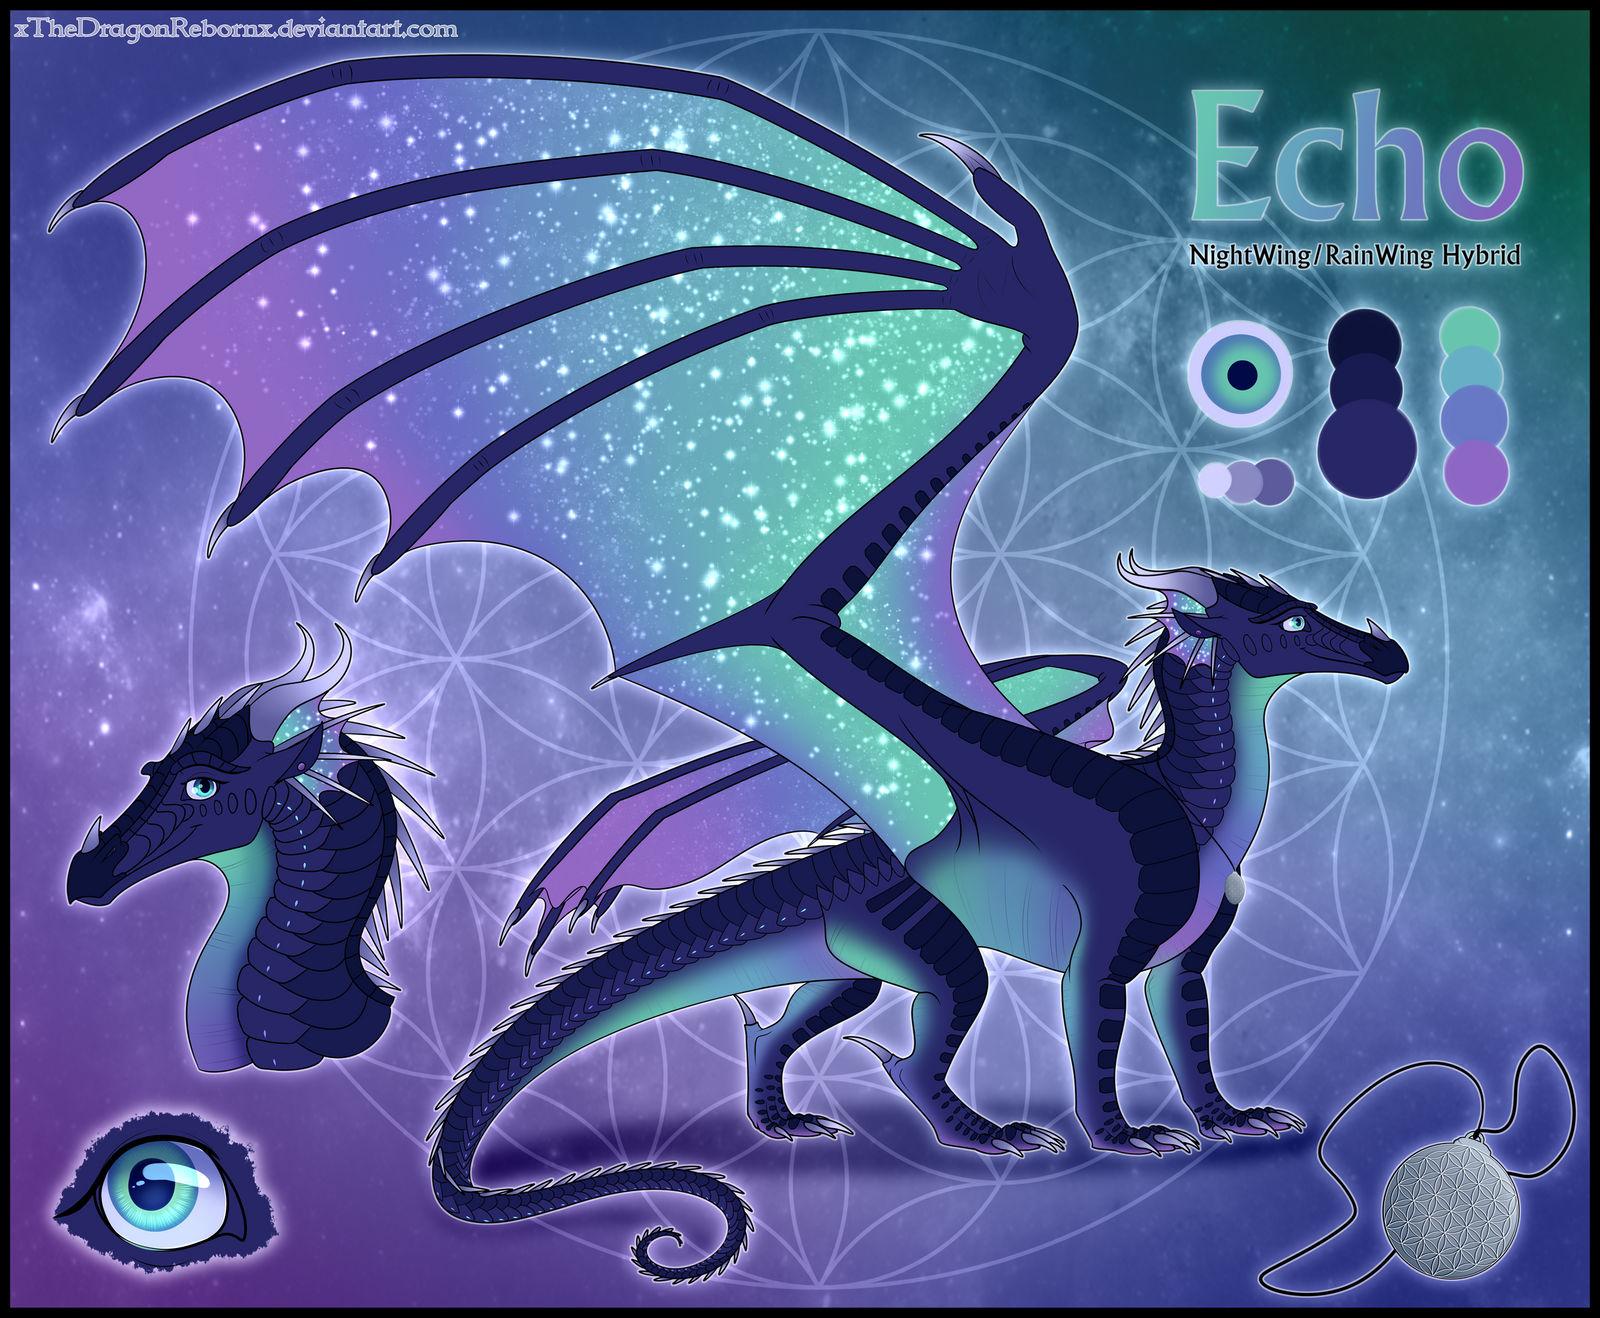 Echo by xTheDragonRebornx